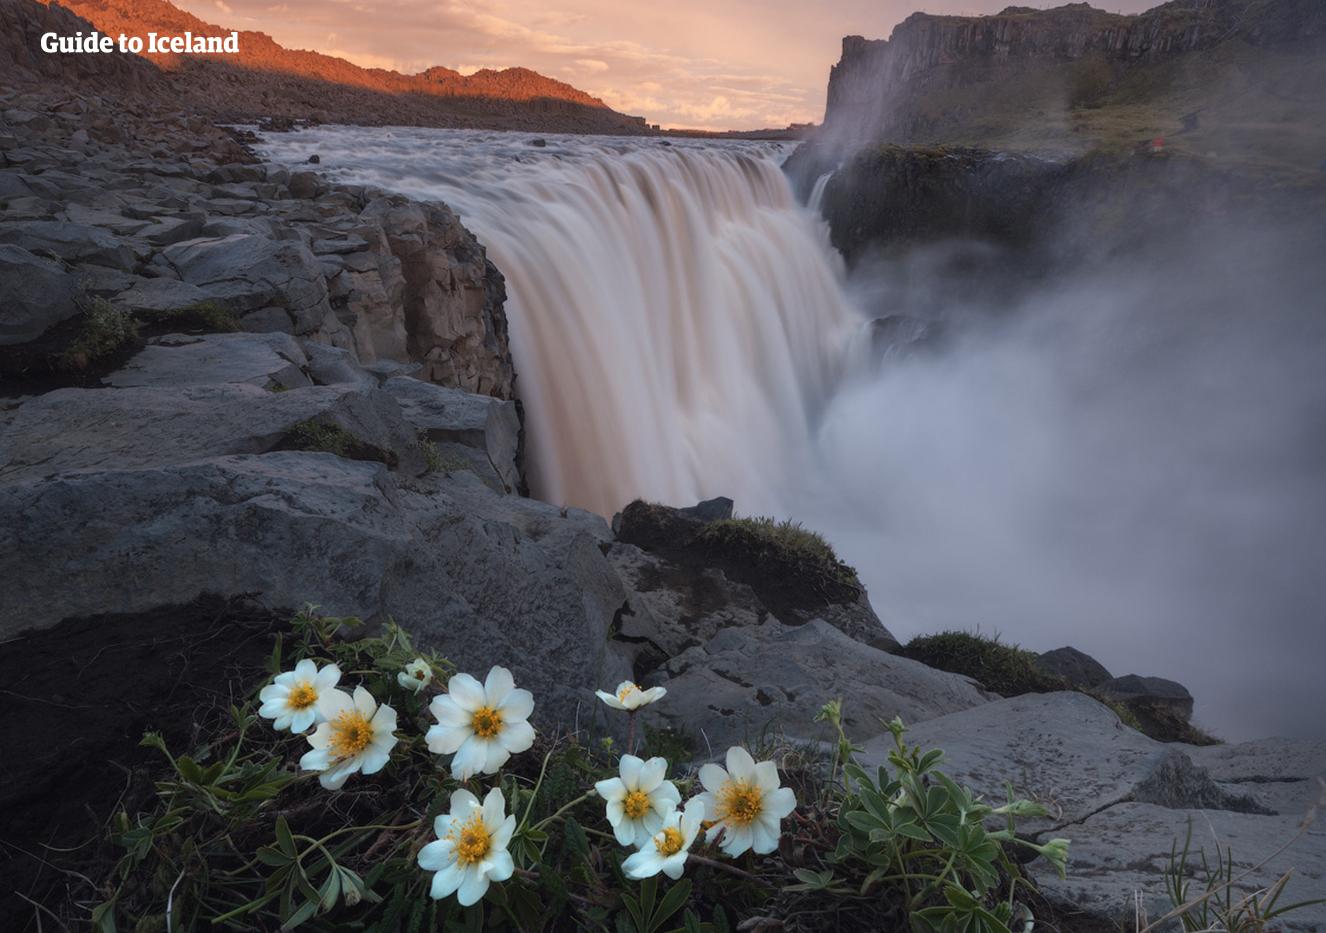 เมื่อความงดงามและพละกำลังอันมหาศาลของธรรมชาติมาผสานกันจึงเกิดเป็นน้ำตกเดตติฟอสส์